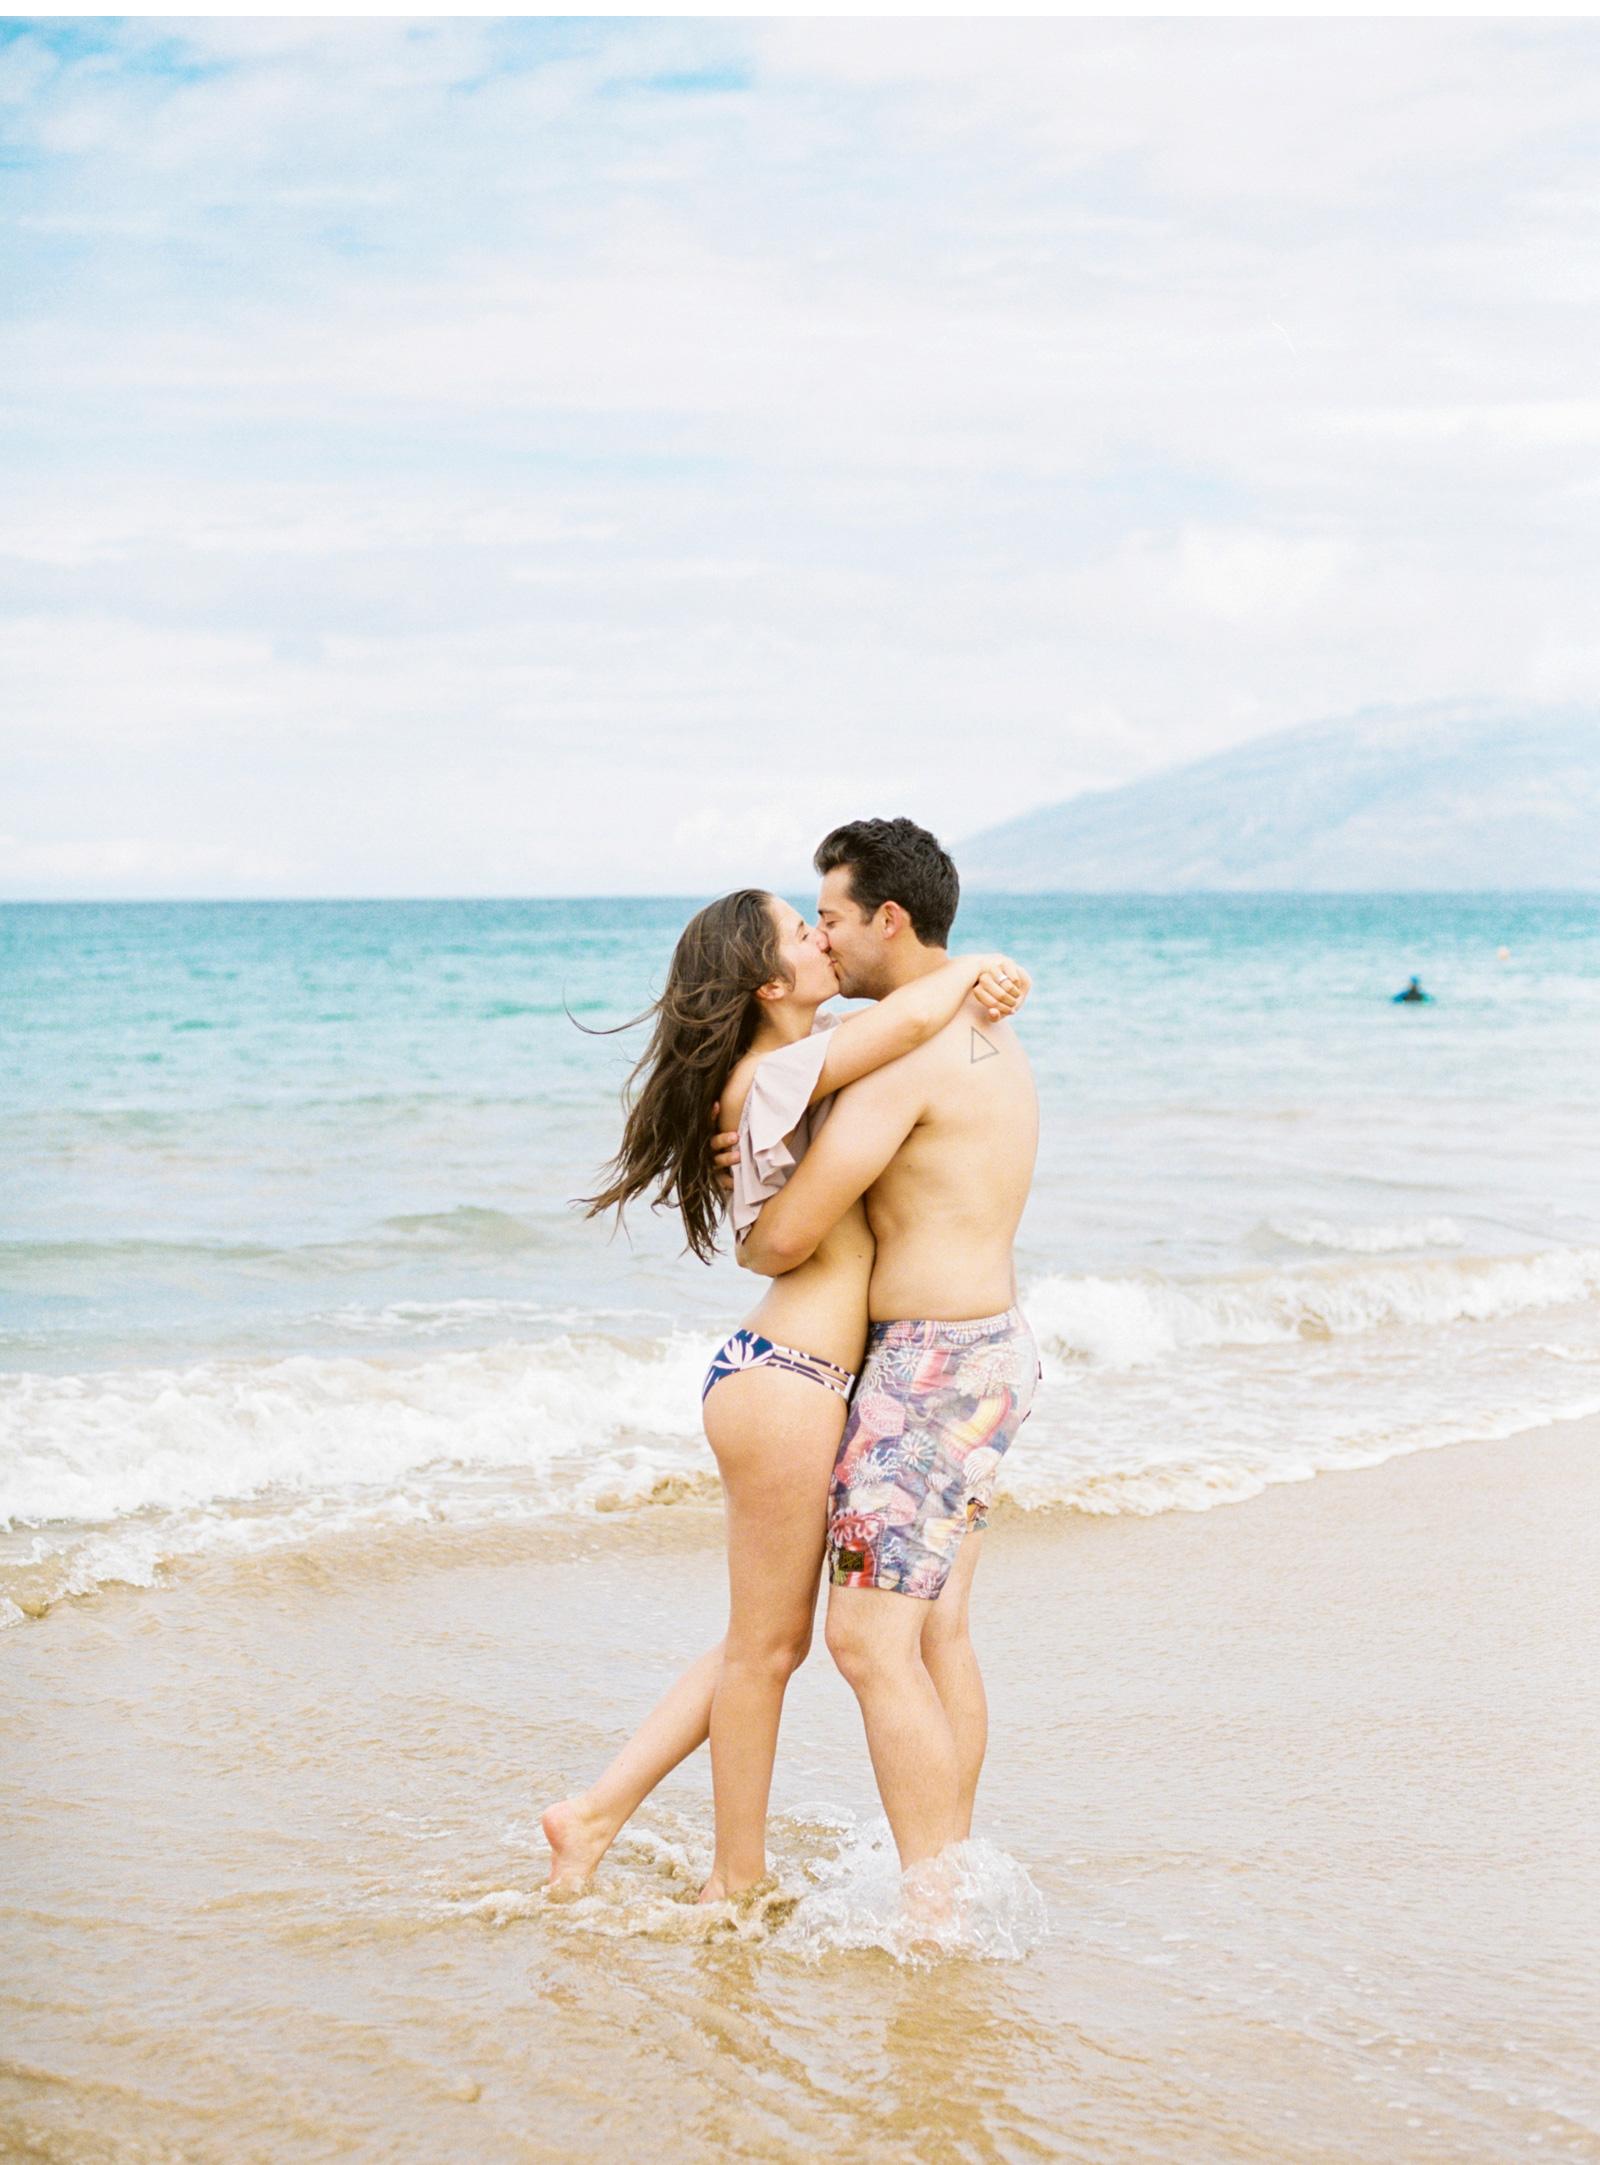 Hawaii-Wedding-Photographer-Natalie-Schutt-Photography_05.jpg